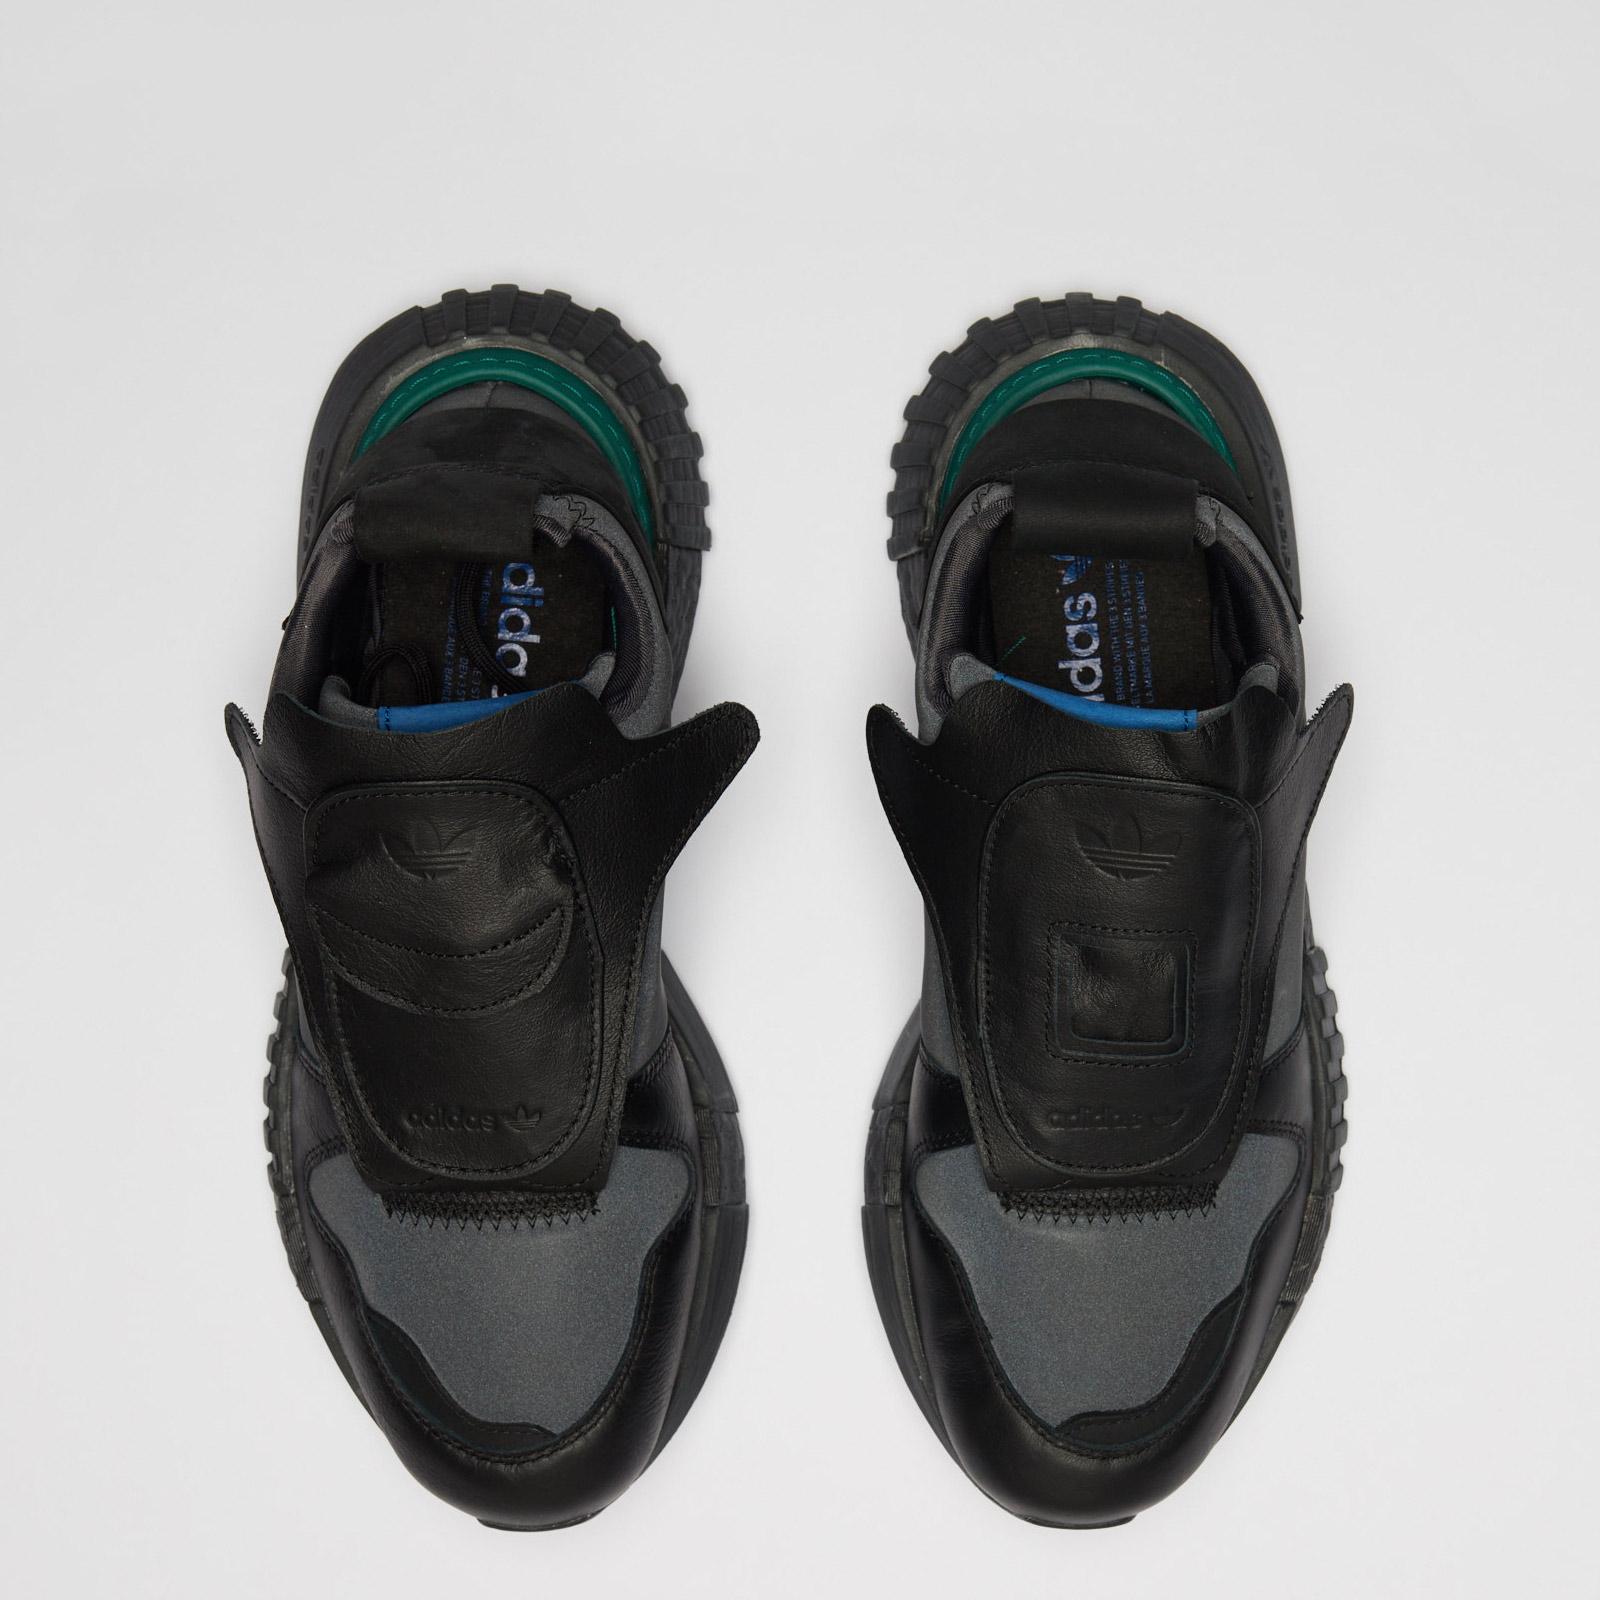 sale retailer 0b59d 06e92 ... Futurepacer adidas Originals Futurepacer